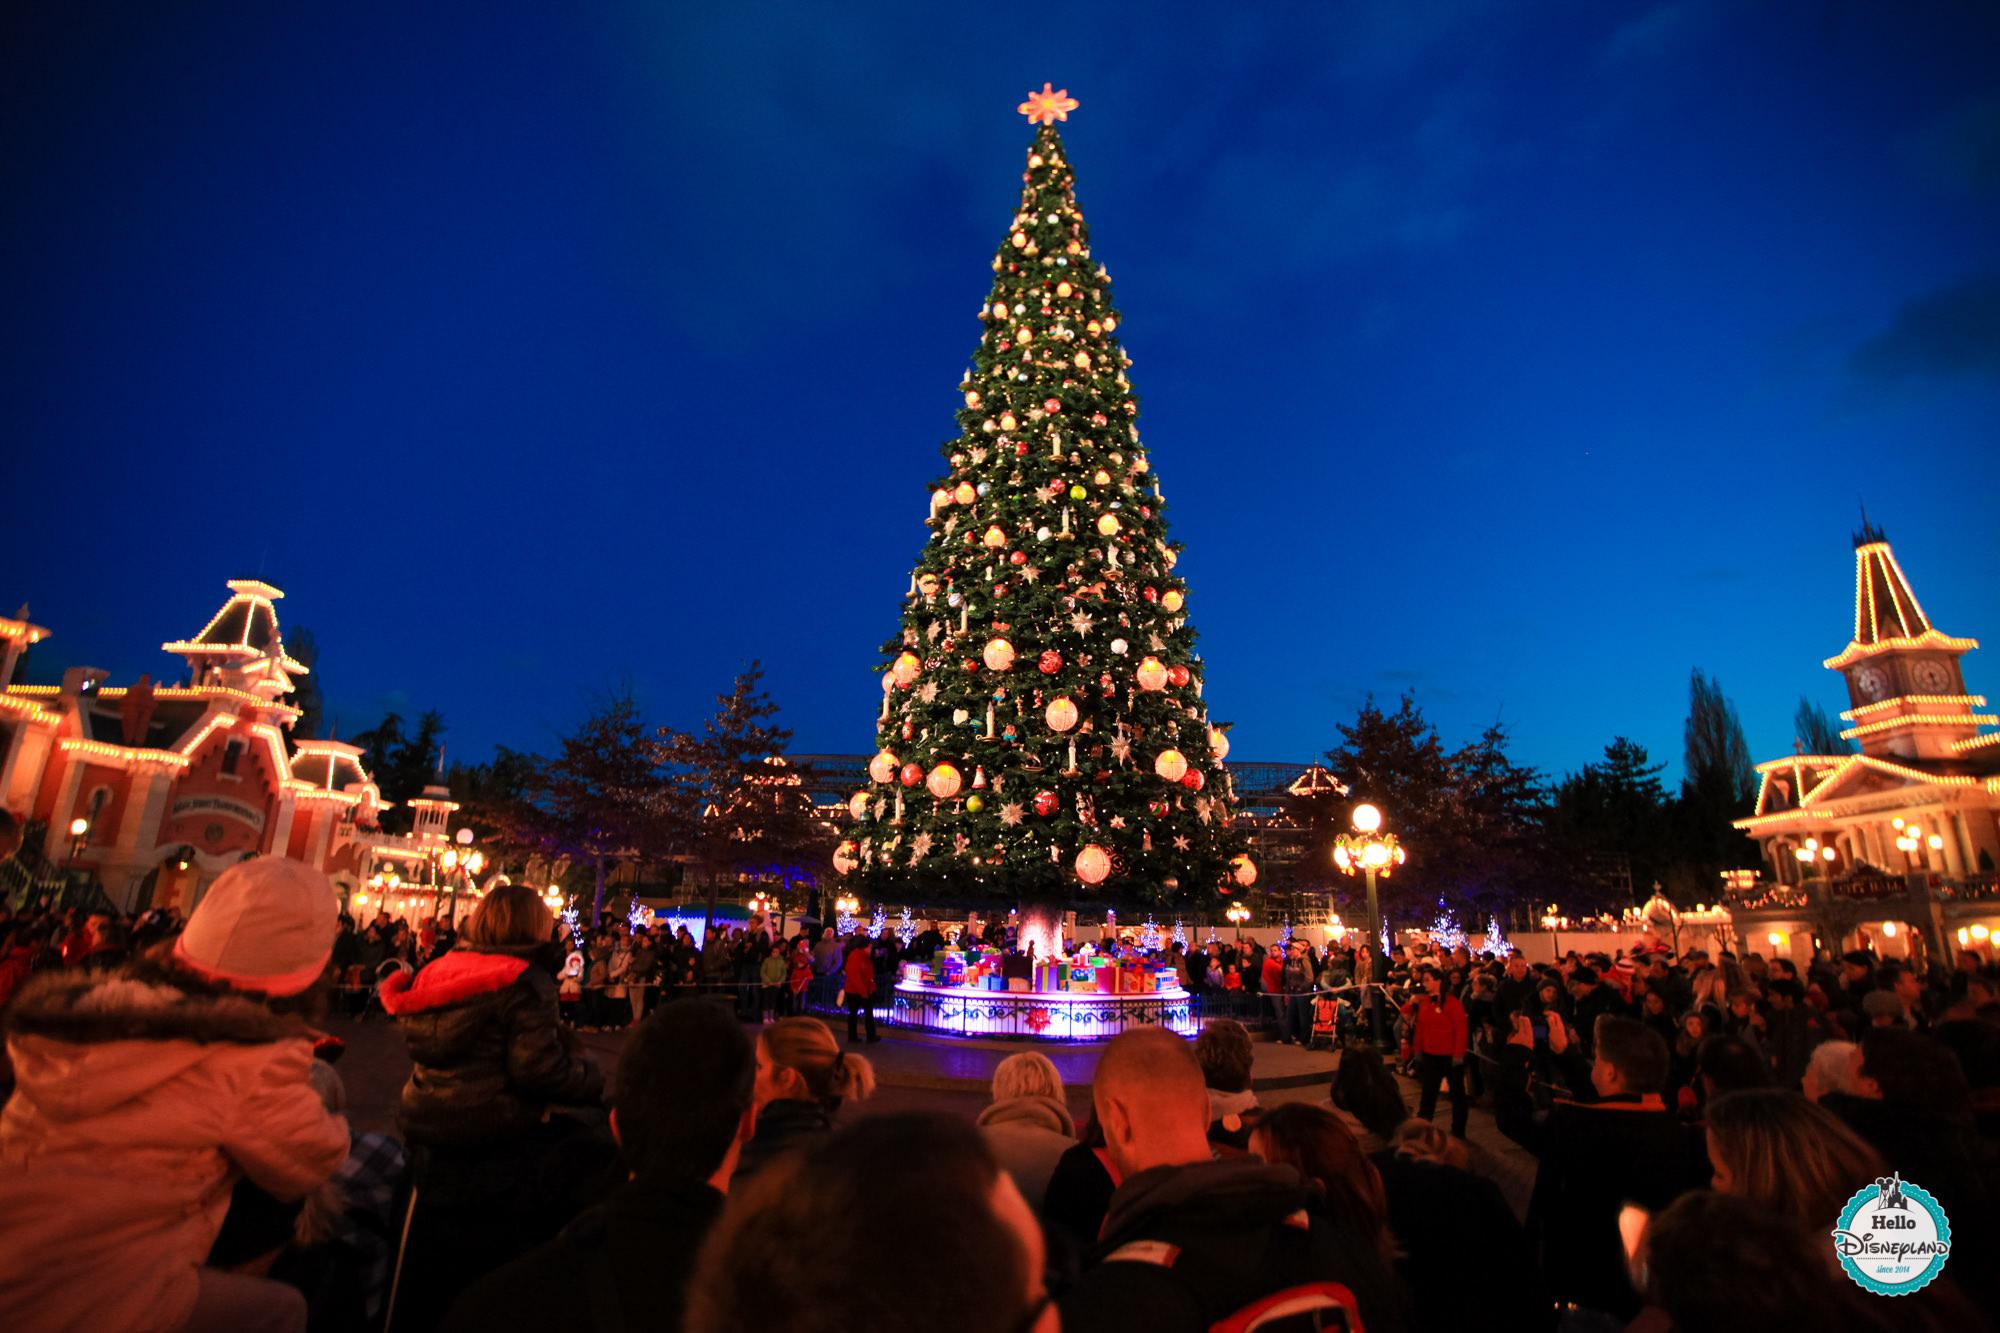 reserver disneyland noel 2018 Hello Disneyland : Le blog n°1 sur Disneyland Paris   Noël 2018 à  reserver disneyland noel 2018